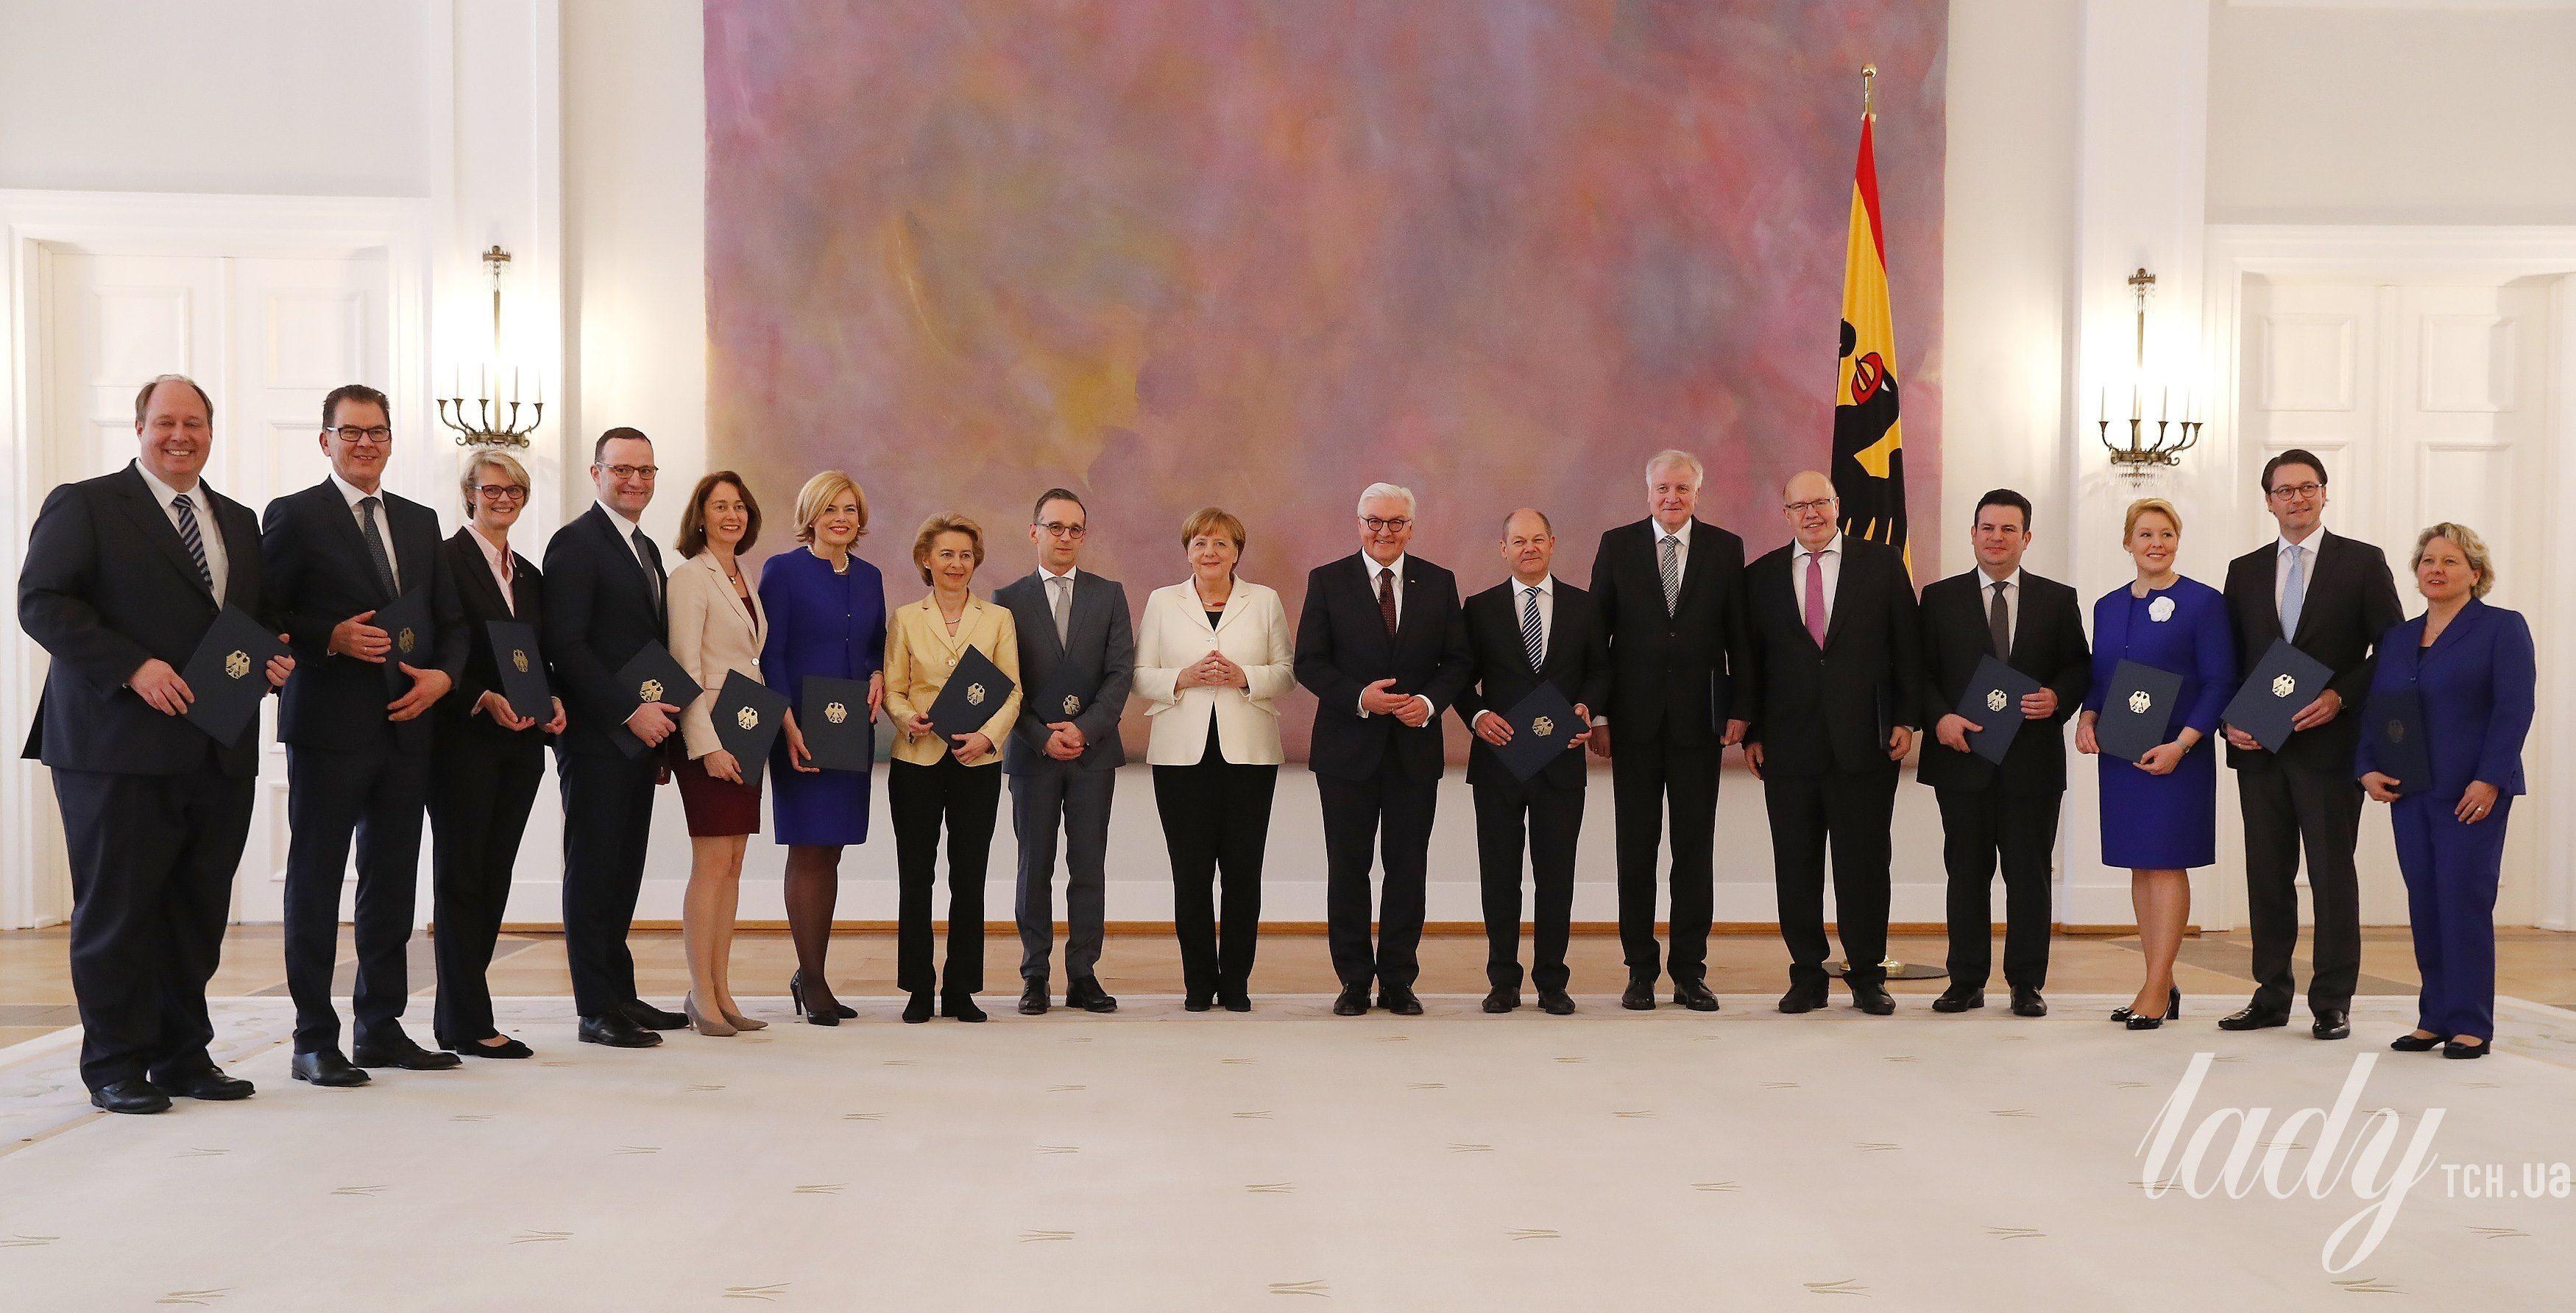 Женщины-политики в парламенте Германии_1